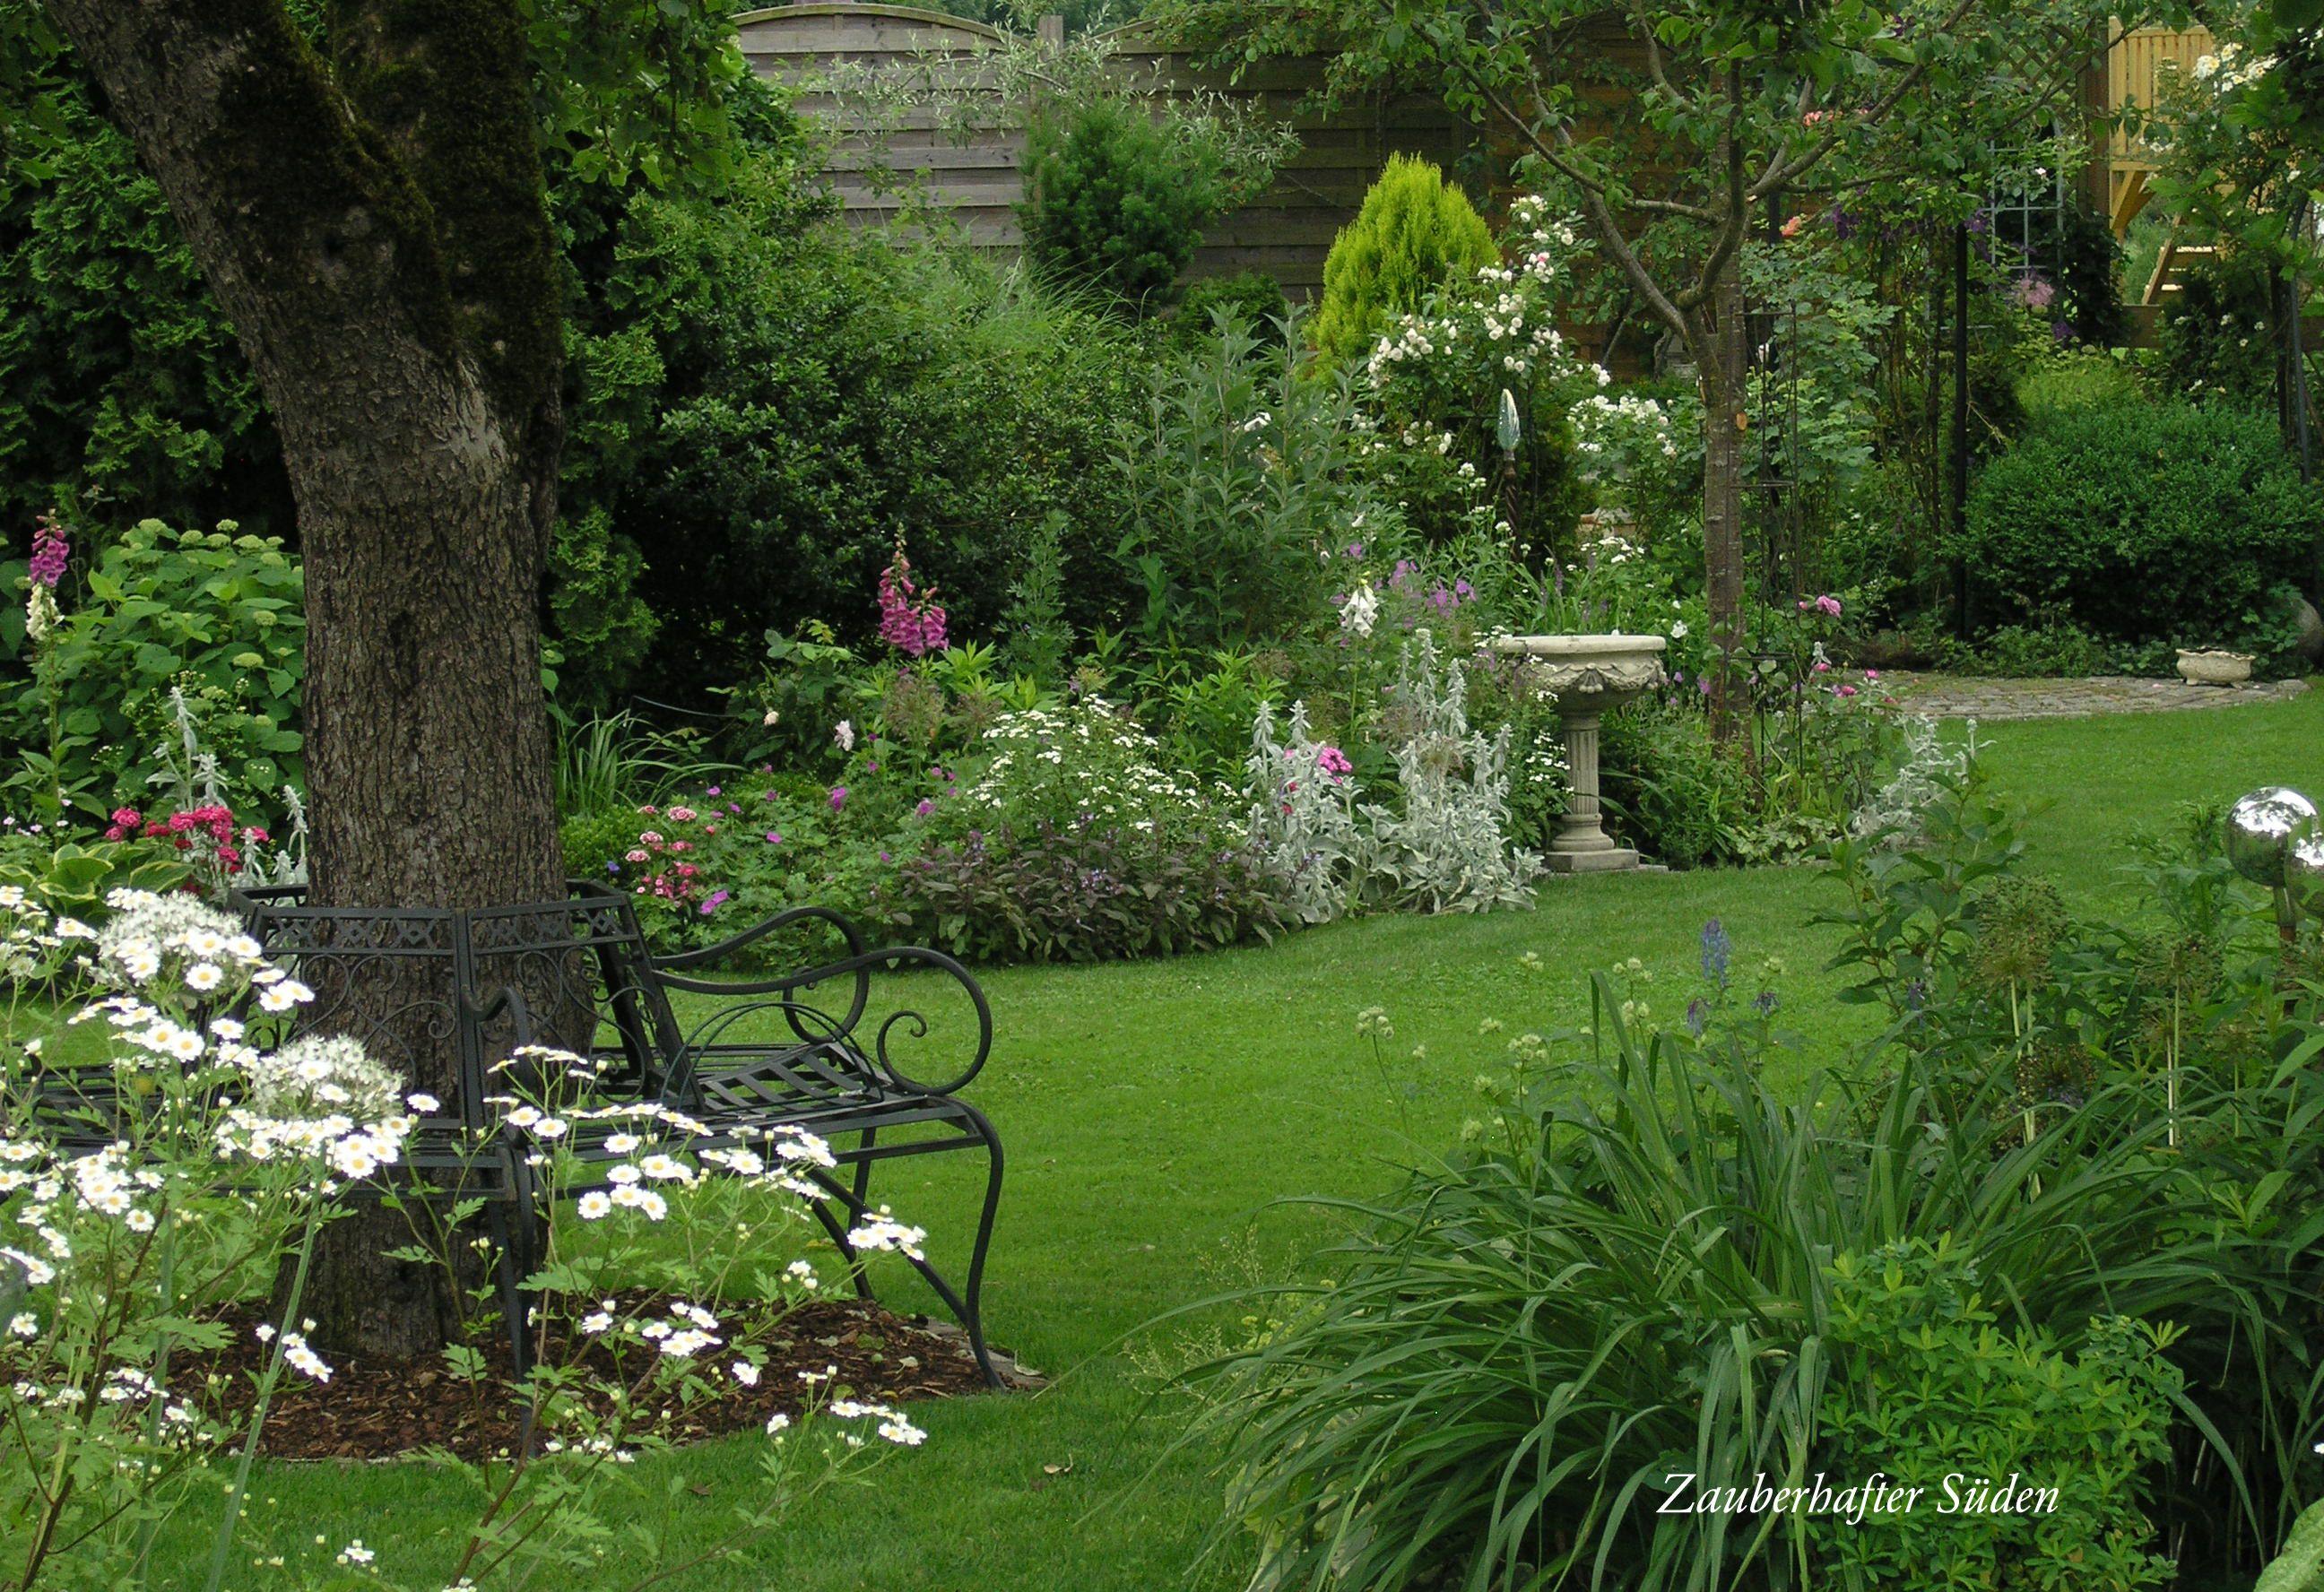 Wundervoll Gartentraum Dekoration Von Zauberhafter Süden, Der Garten Von Petra Steiner